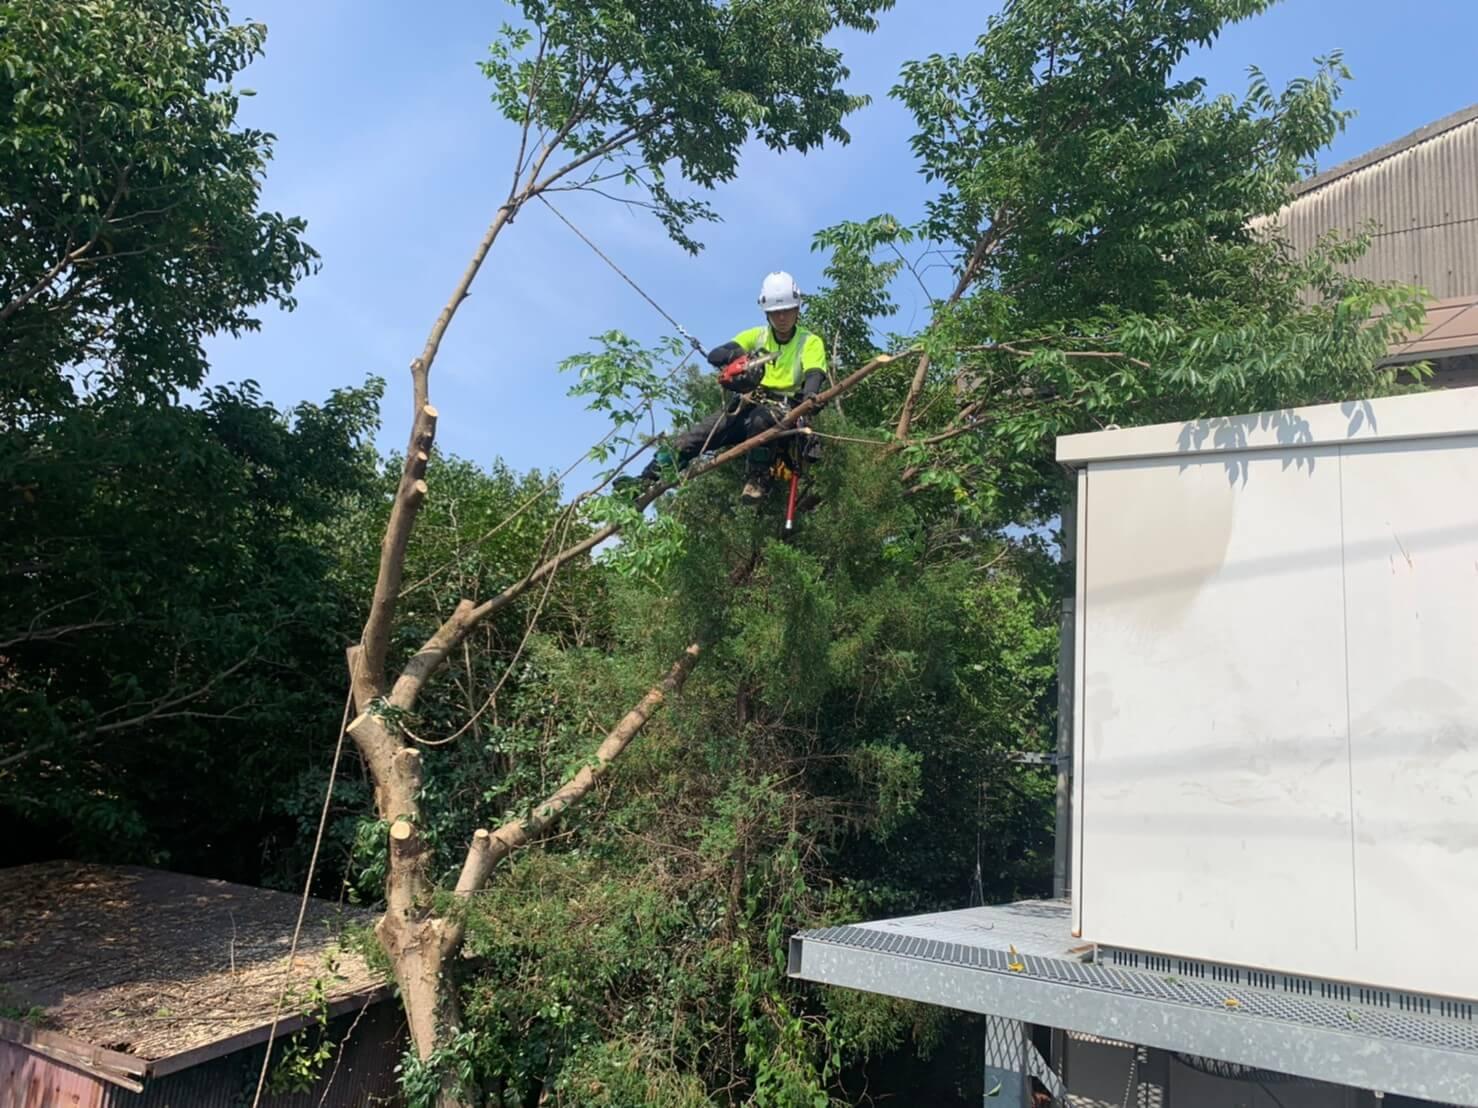 樹上に登りこみ、作業を始める代表山本。構造物に注意しながら枝を切り下していきます